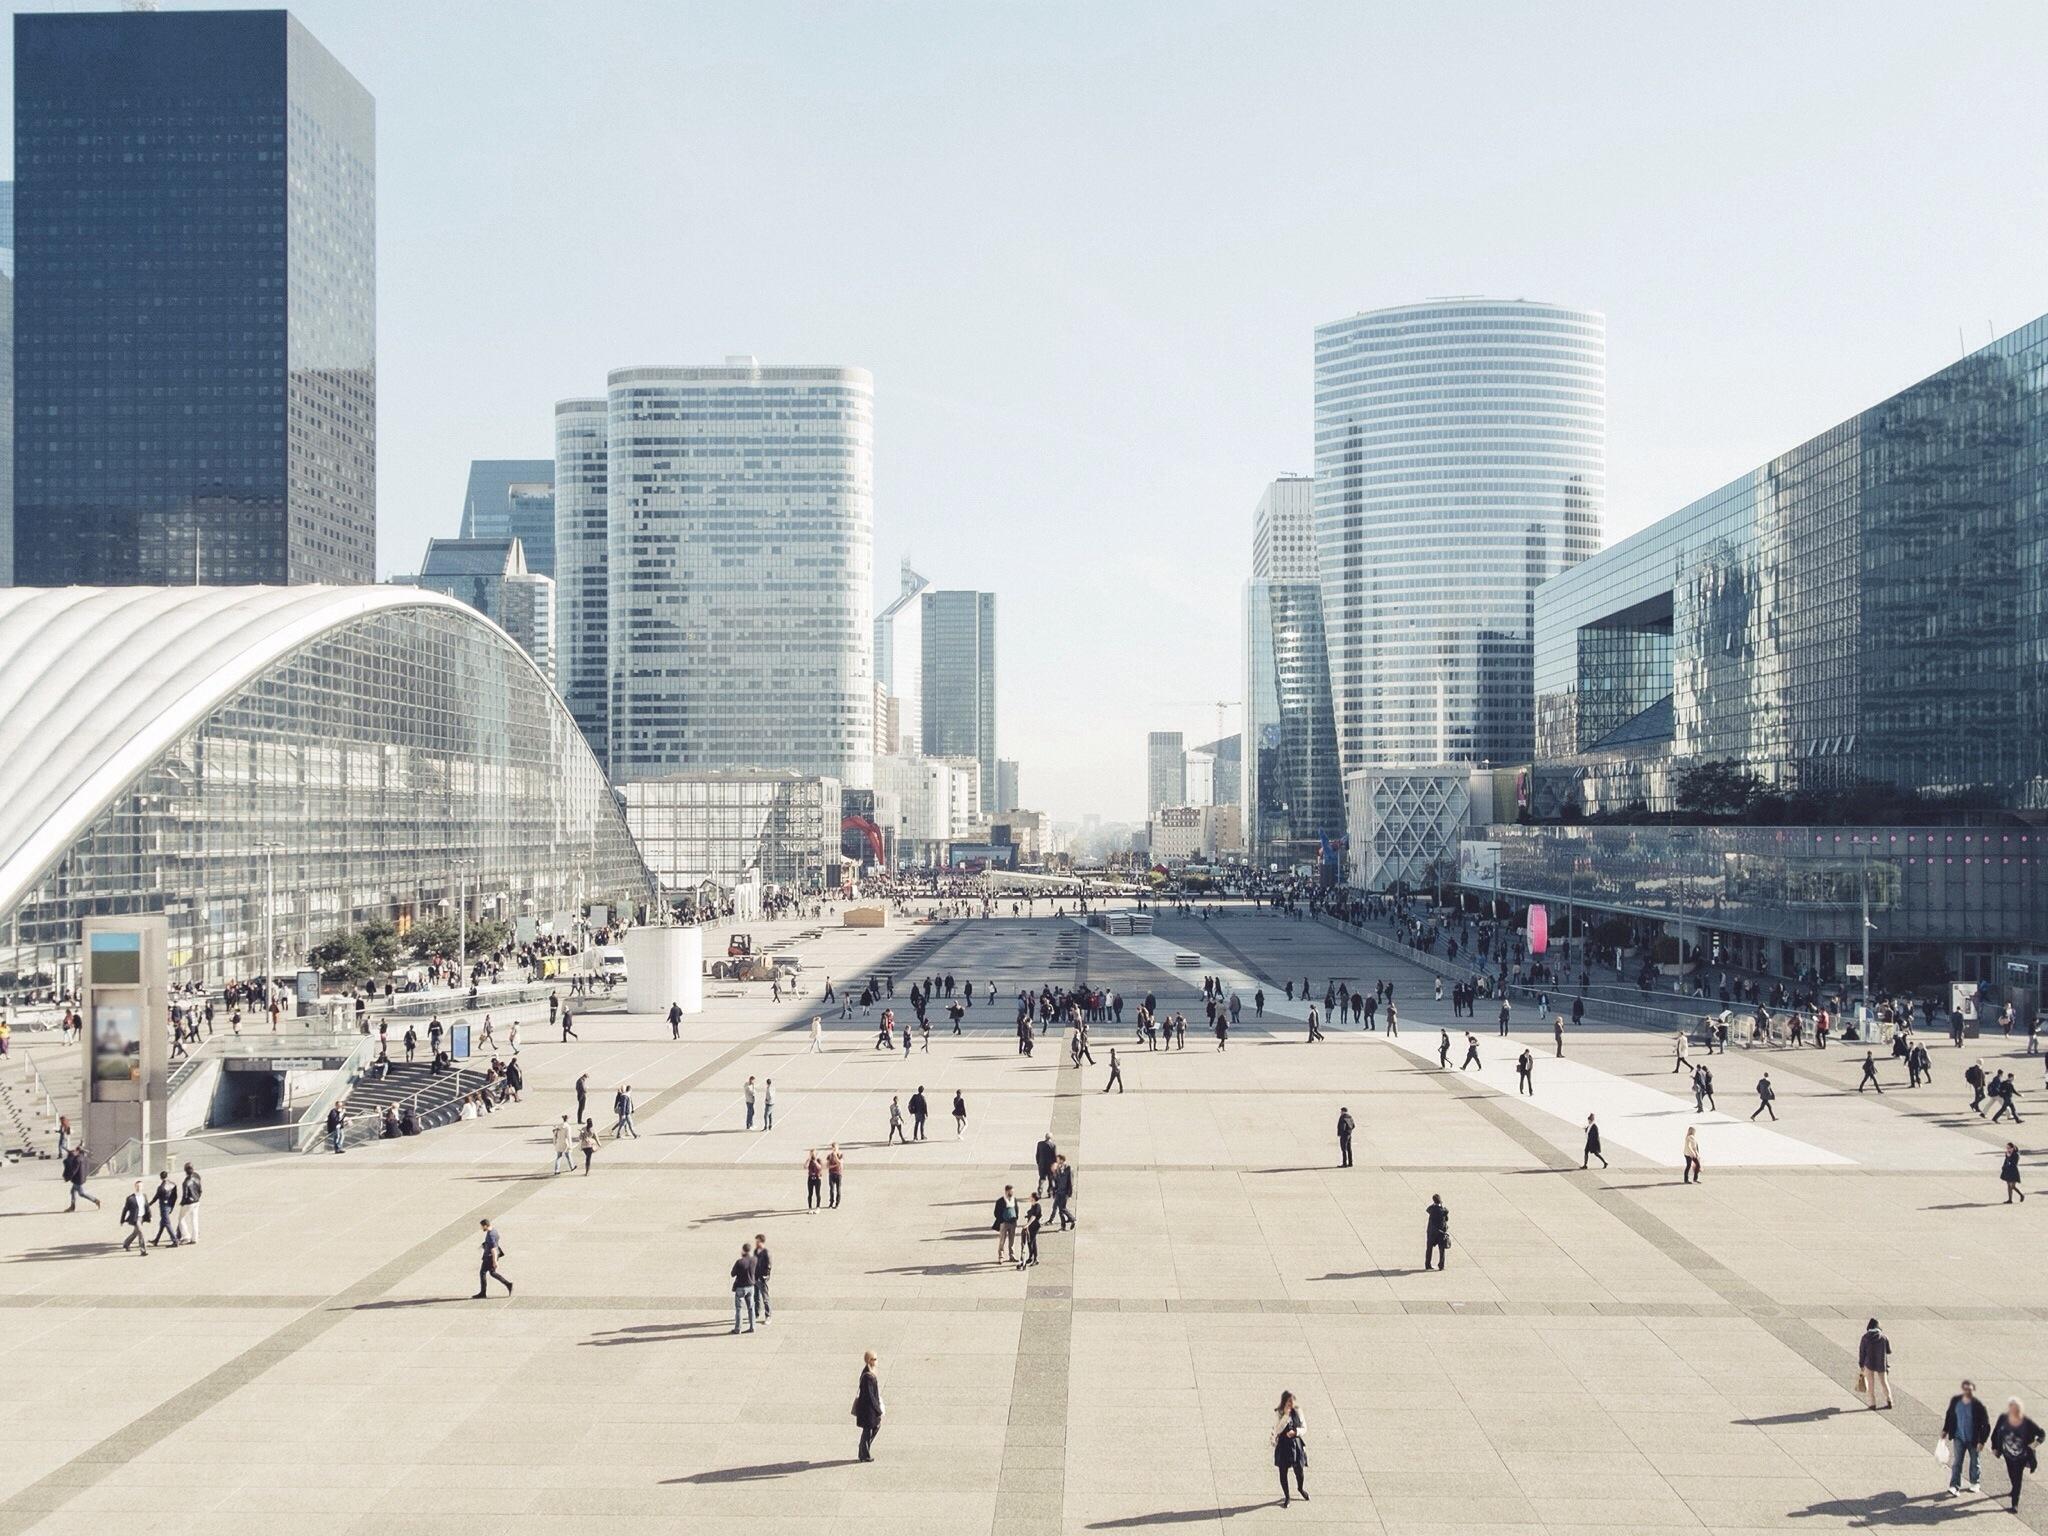 Die neue Gesellschaft: Lebensanforderungen und Immobilienbedarf nach der Krise